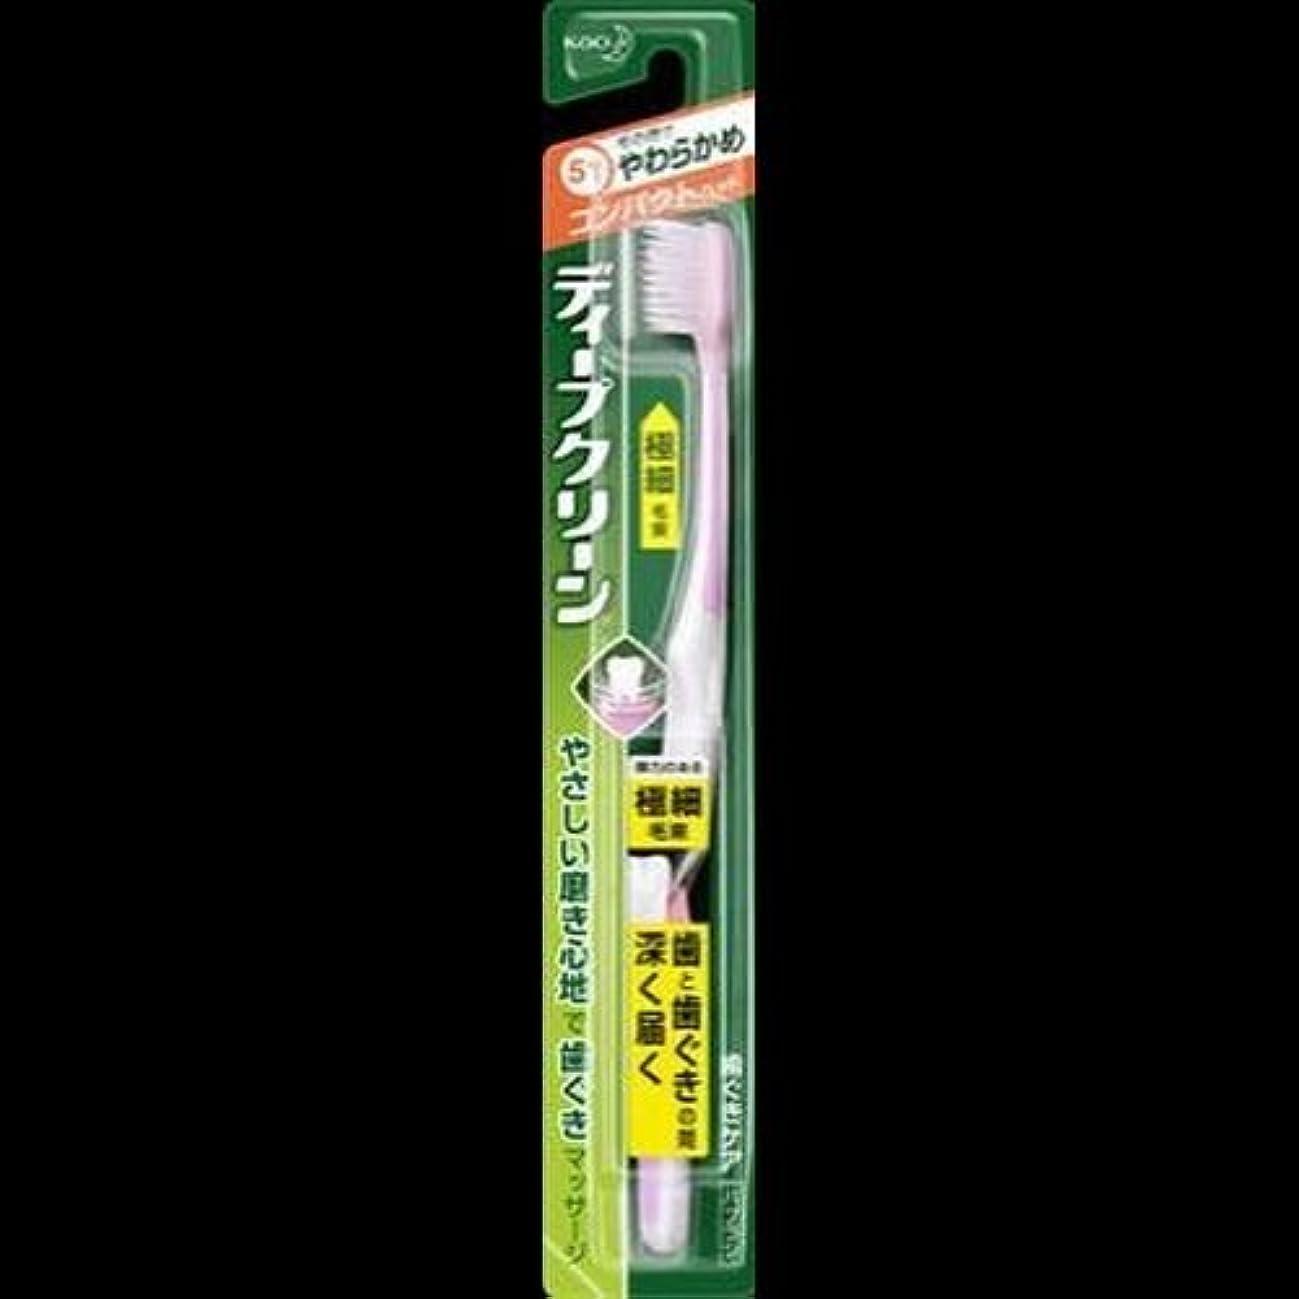 インフルエンザ姿勢性別【まとめ買い】ディープクリーン ハブラシ コンパクト やわらかめ ×2セット